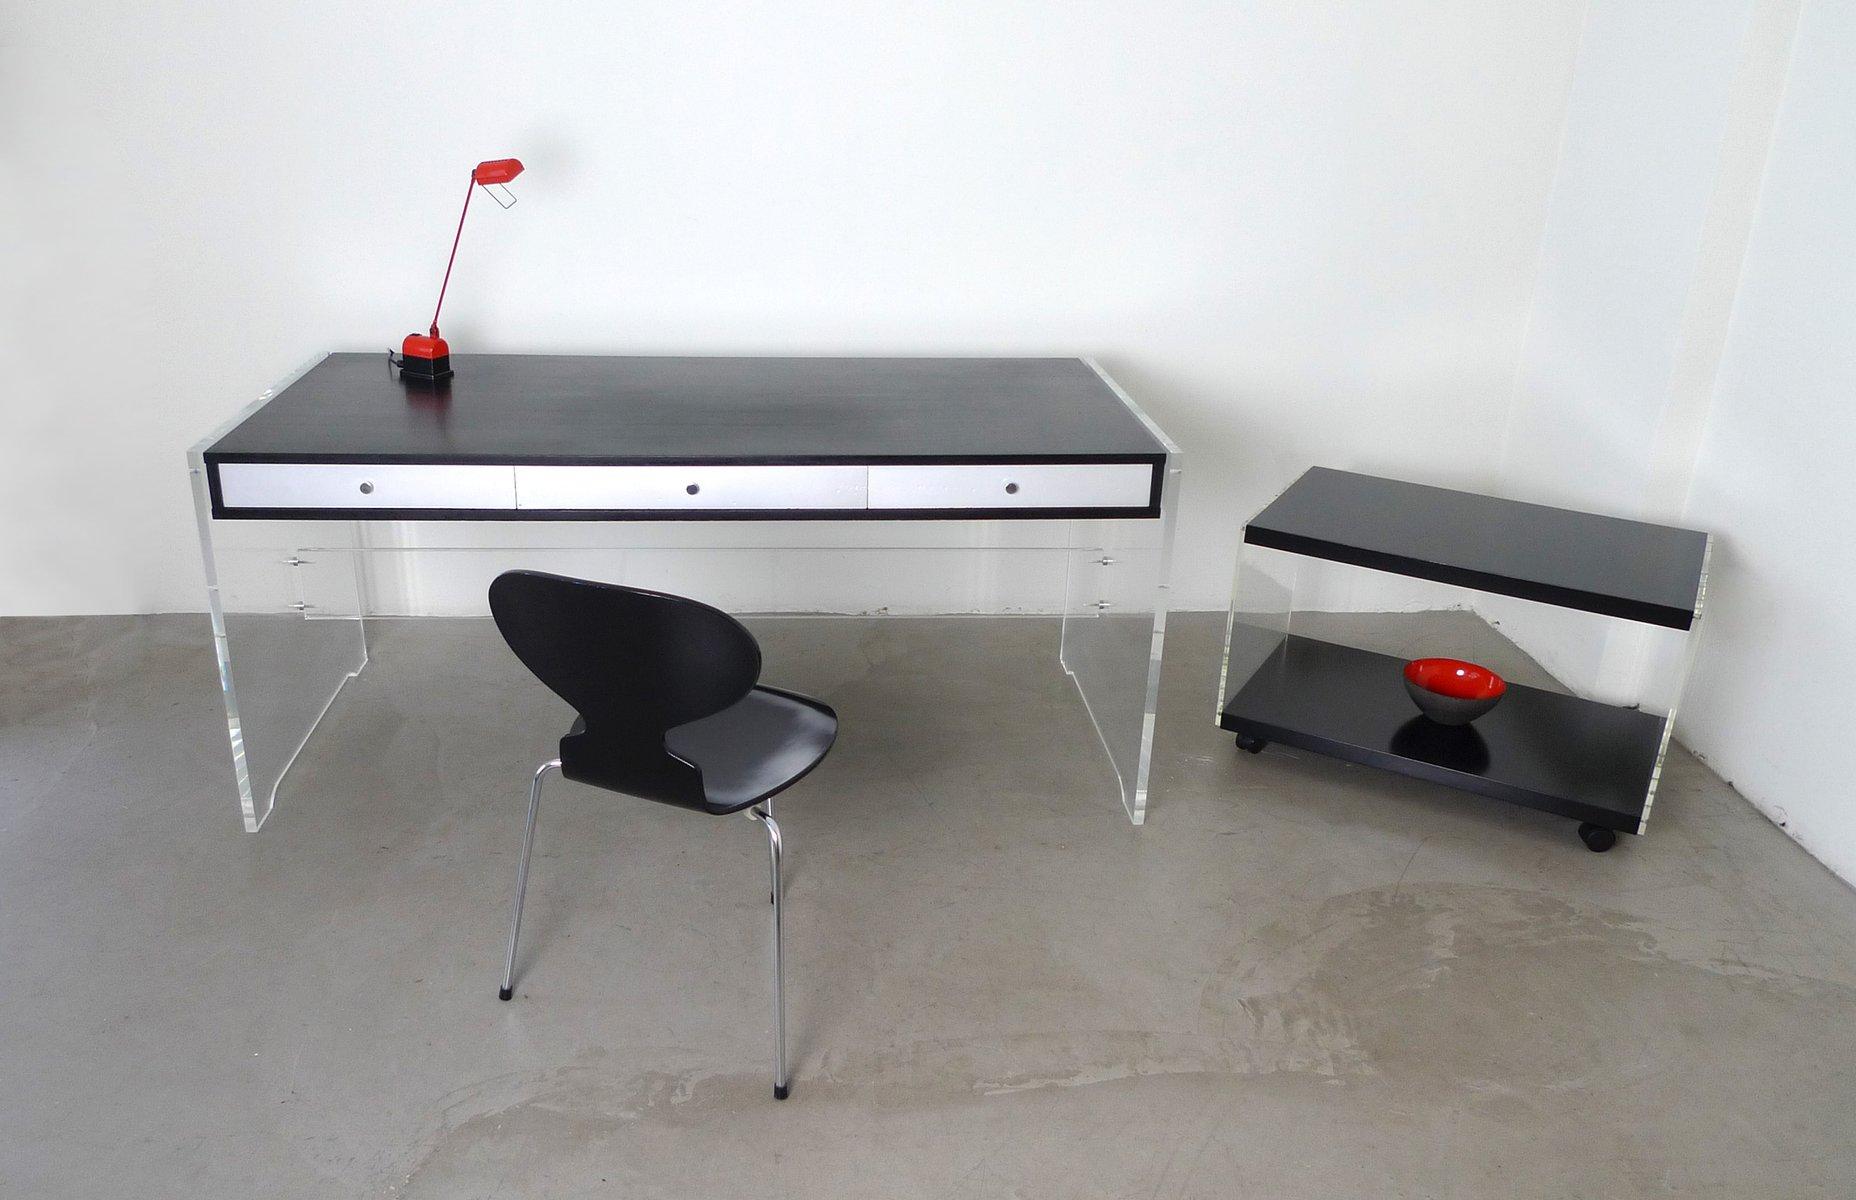 d nischer beistelltisch auf rollen von poul norreklit f r georg petersen 1970 bei pamono kaufen. Black Bedroom Furniture Sets. Home Design Ideas